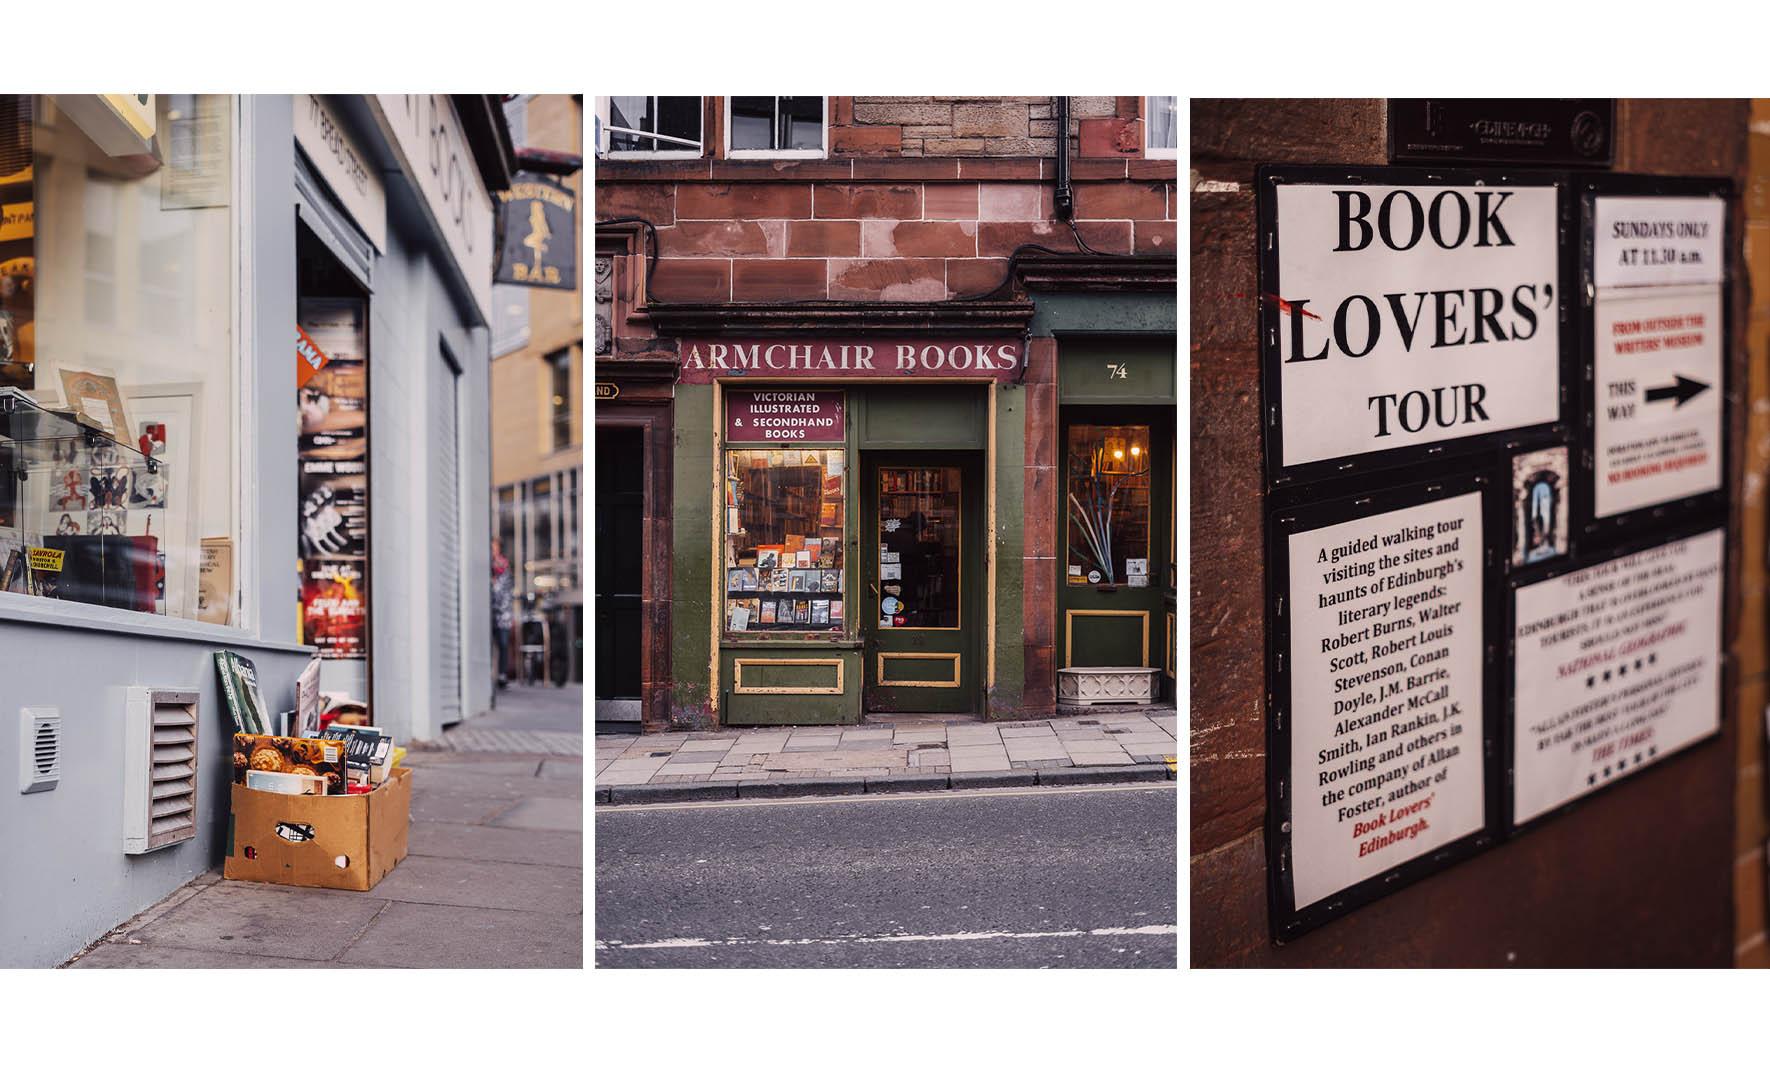 24 Stunden in Edinburgh